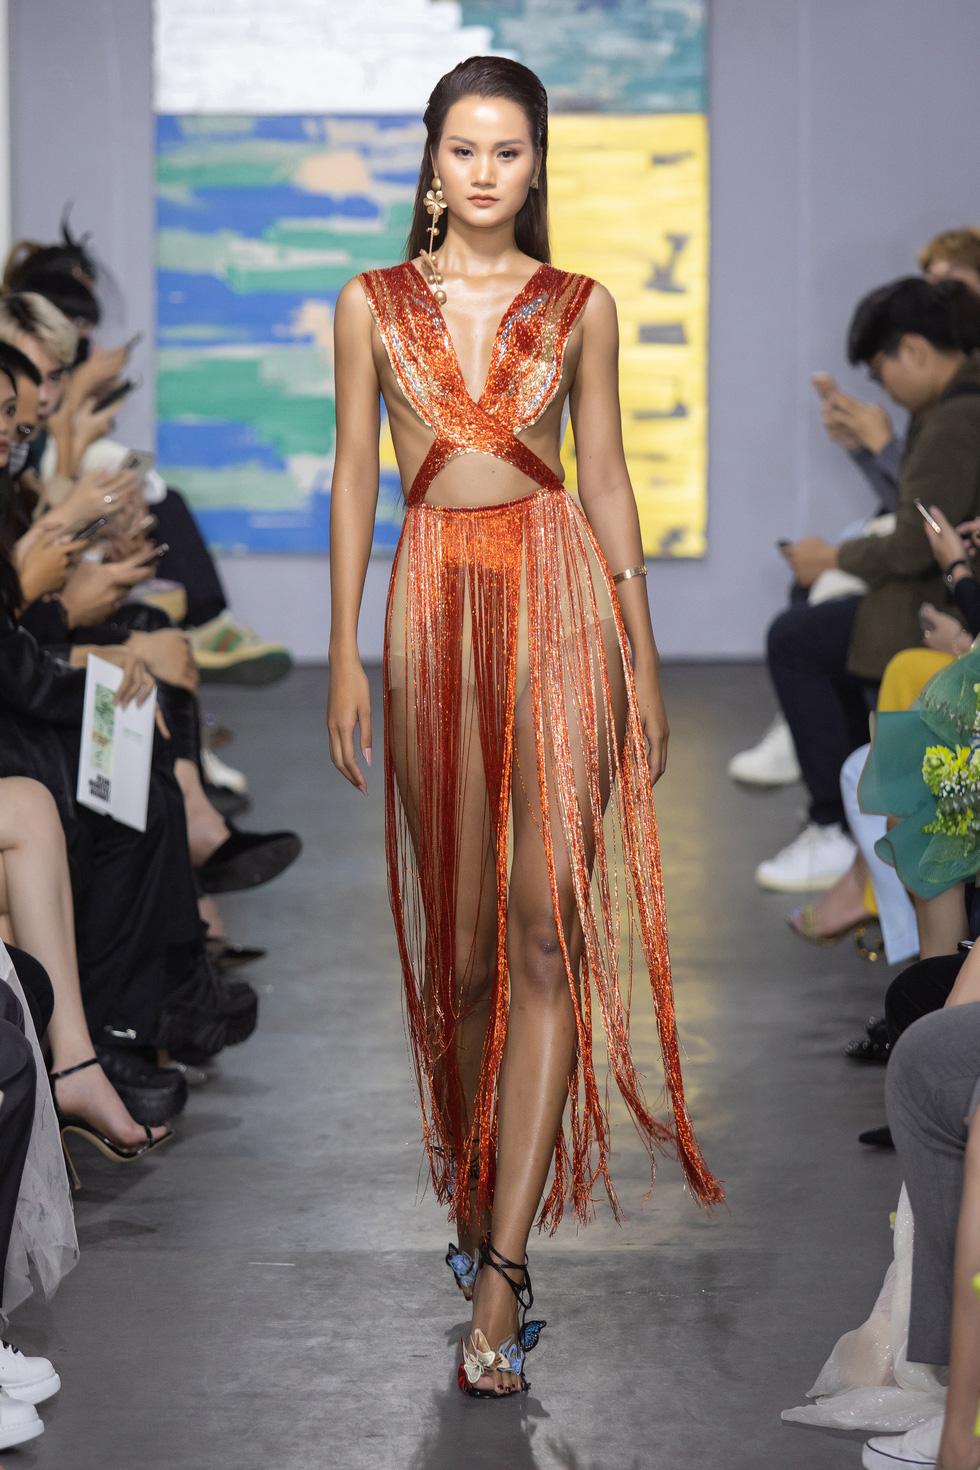 Hoa hậu Việt Nam 2020 Đỗ Thị Hà cùng siêu mẫu Thanh Hằng trong thiết kế tái chế - Ảnh 3.